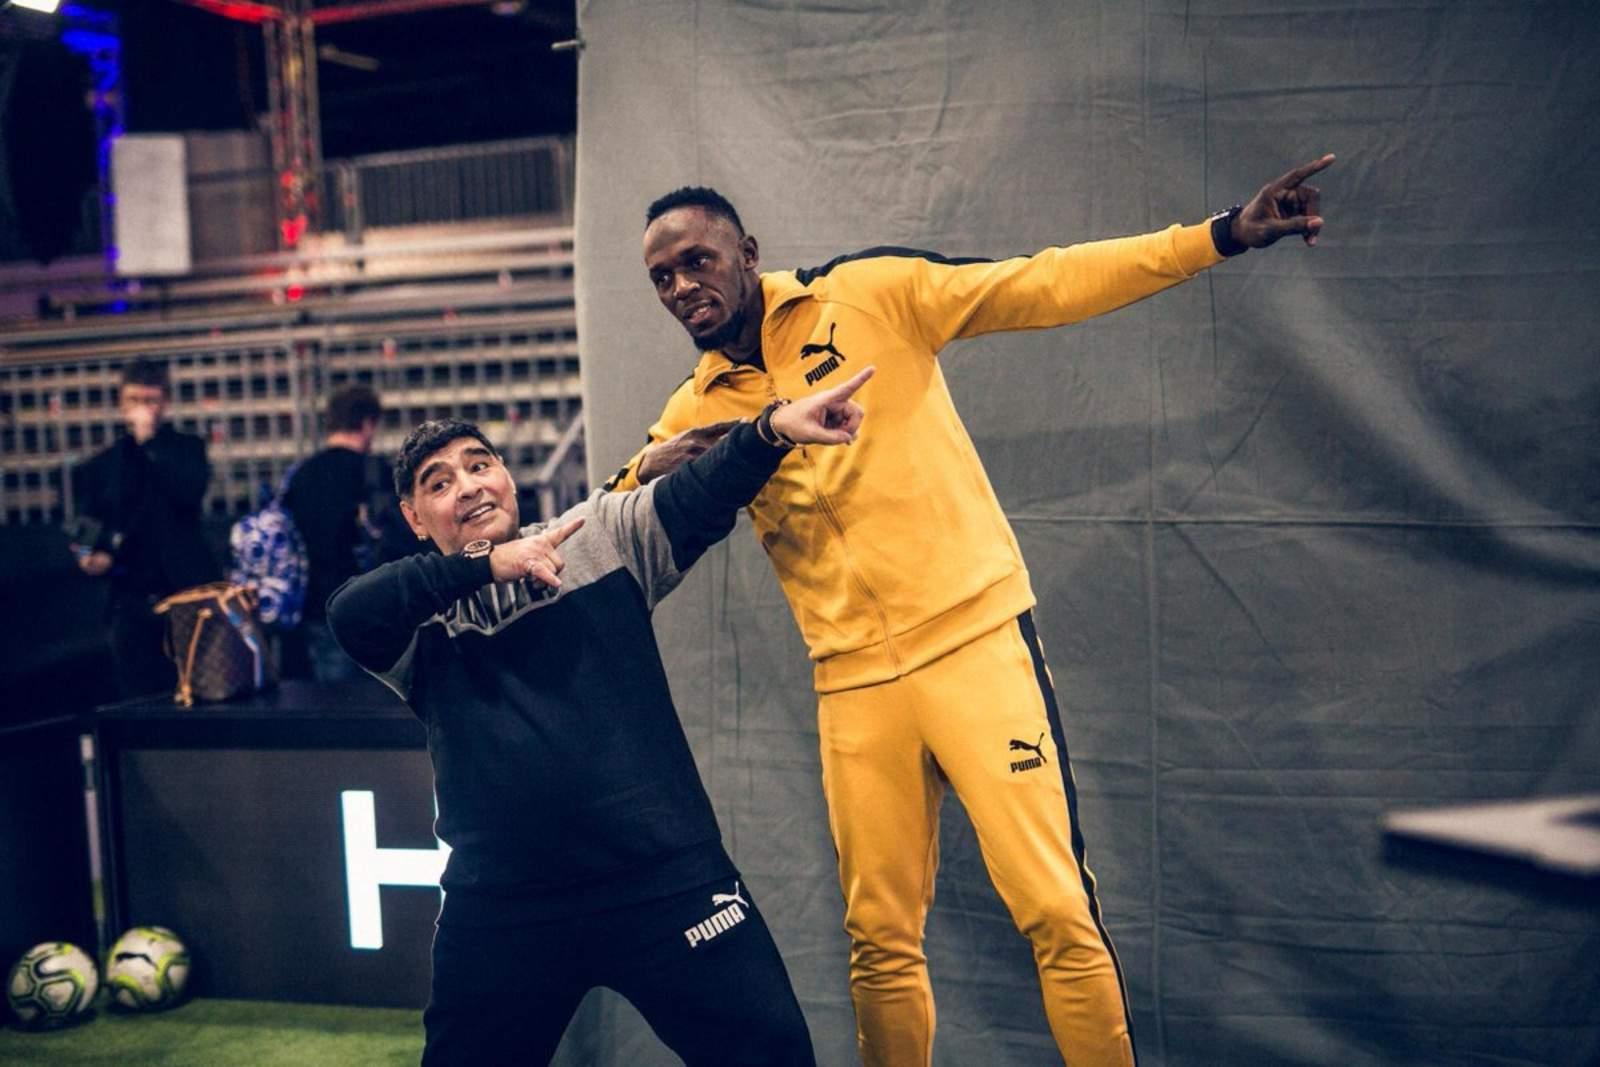 Maradona podría fichar a Usain Bolt en 2019 para el Dorados mexicano